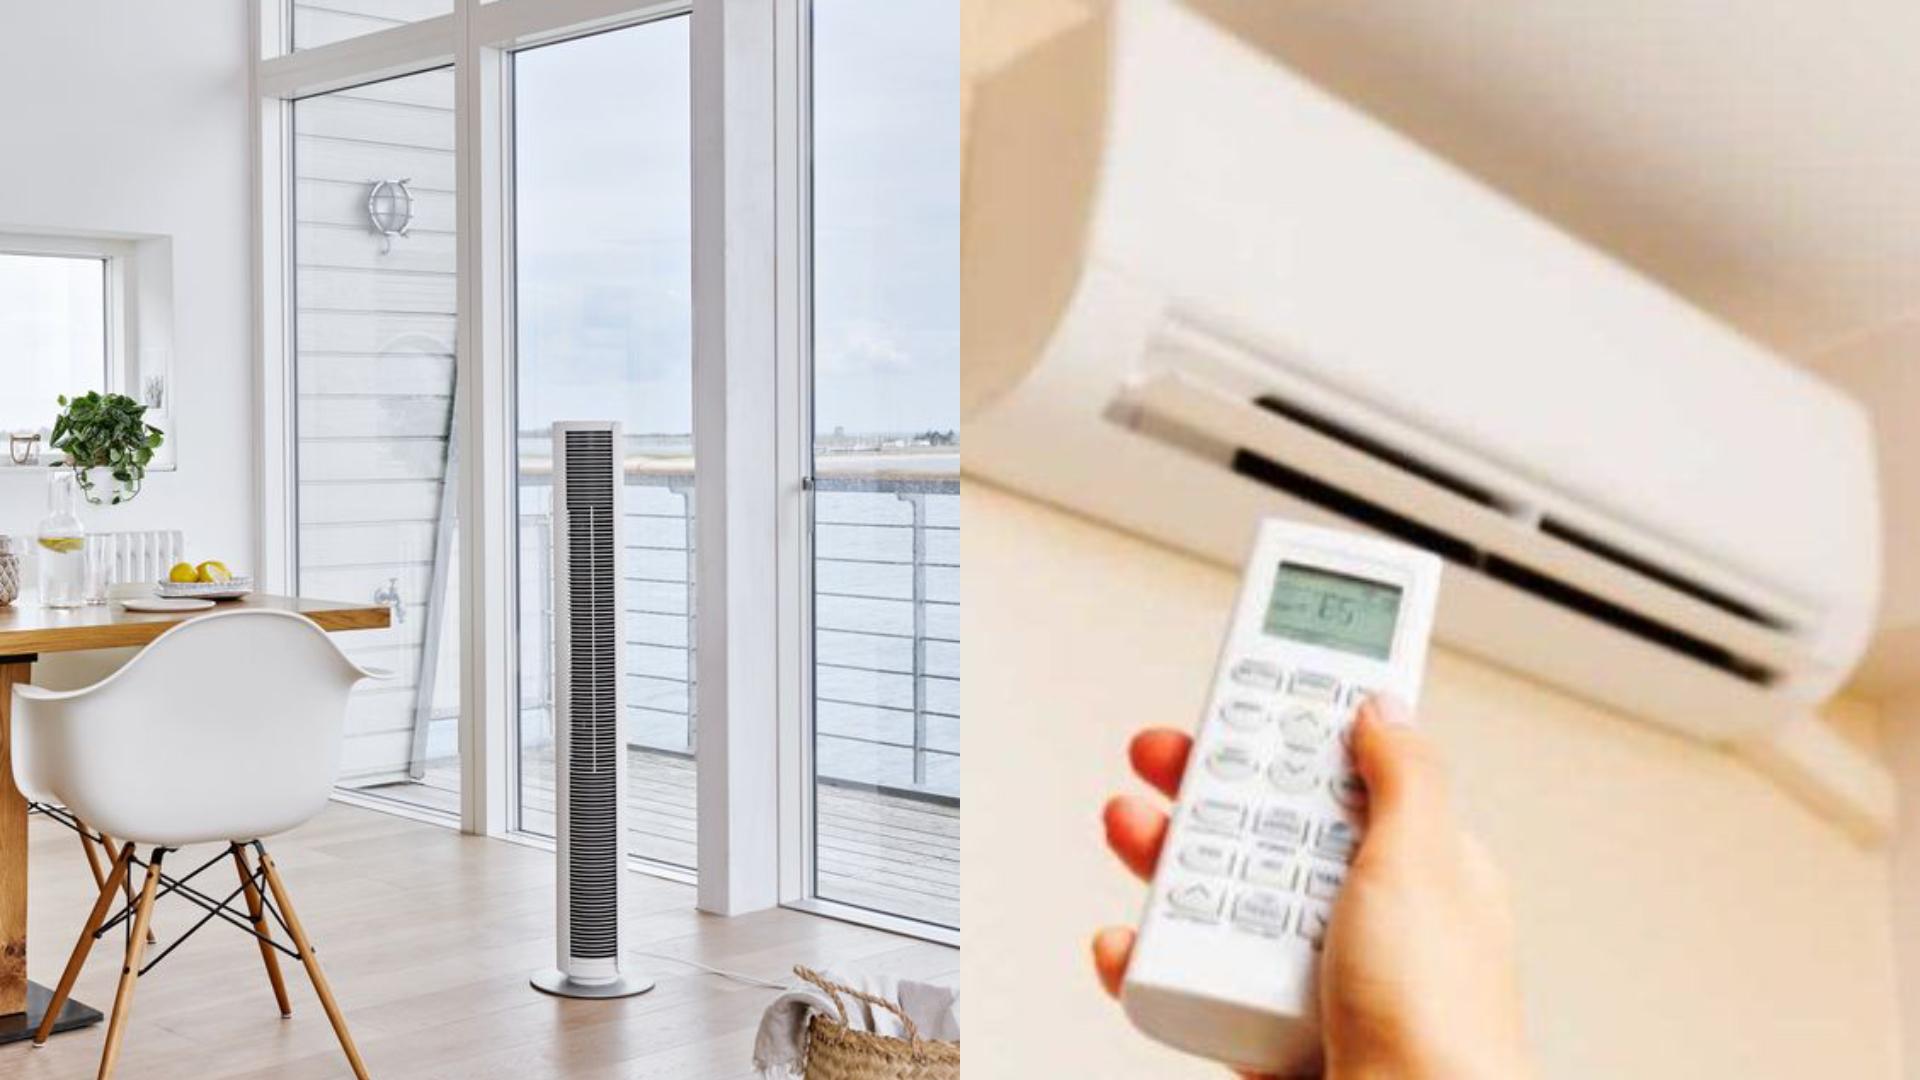 杜絕用電壞習慣!夏日省電 5 個小撇步分享,節能省電也能度過清涼舒適的夏天